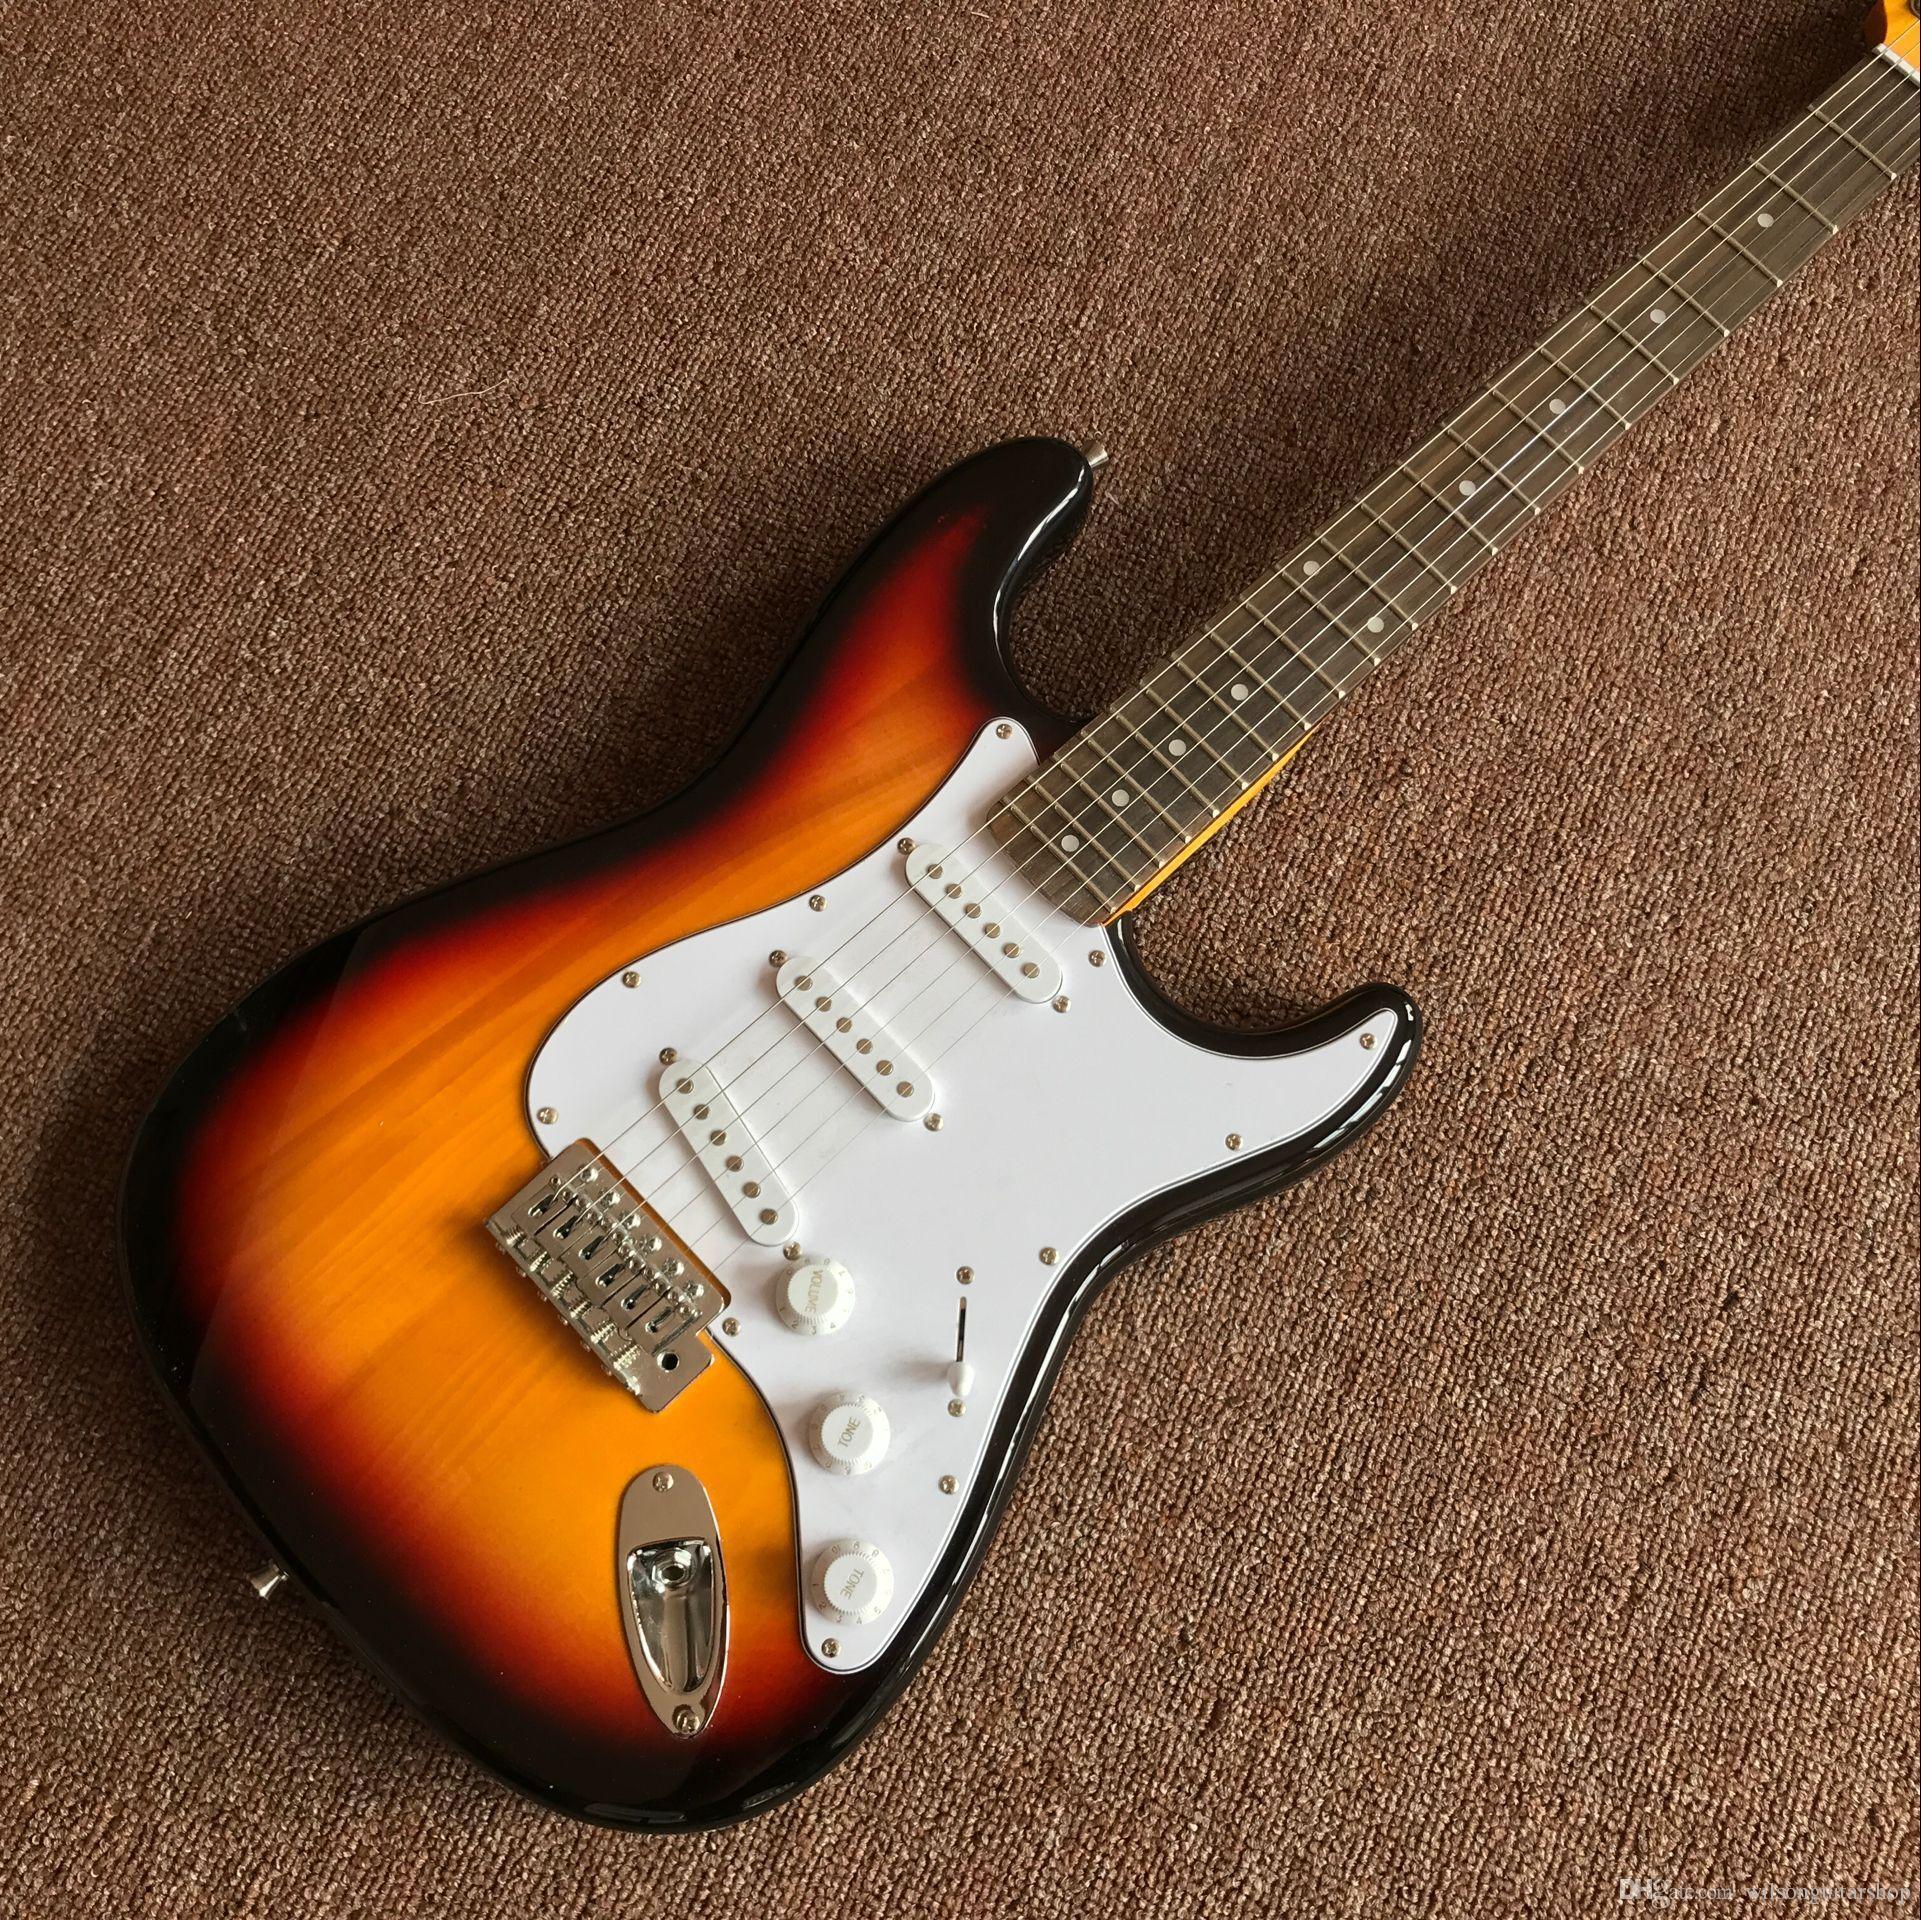 일렉트릭 기타 도매 새로운 fen st 맞춤 상점 일렉트릭 기타 / oem 브랜드 햇살 컬러 gitaar / guitarra 중국에서 실제 사진 보여줍니다